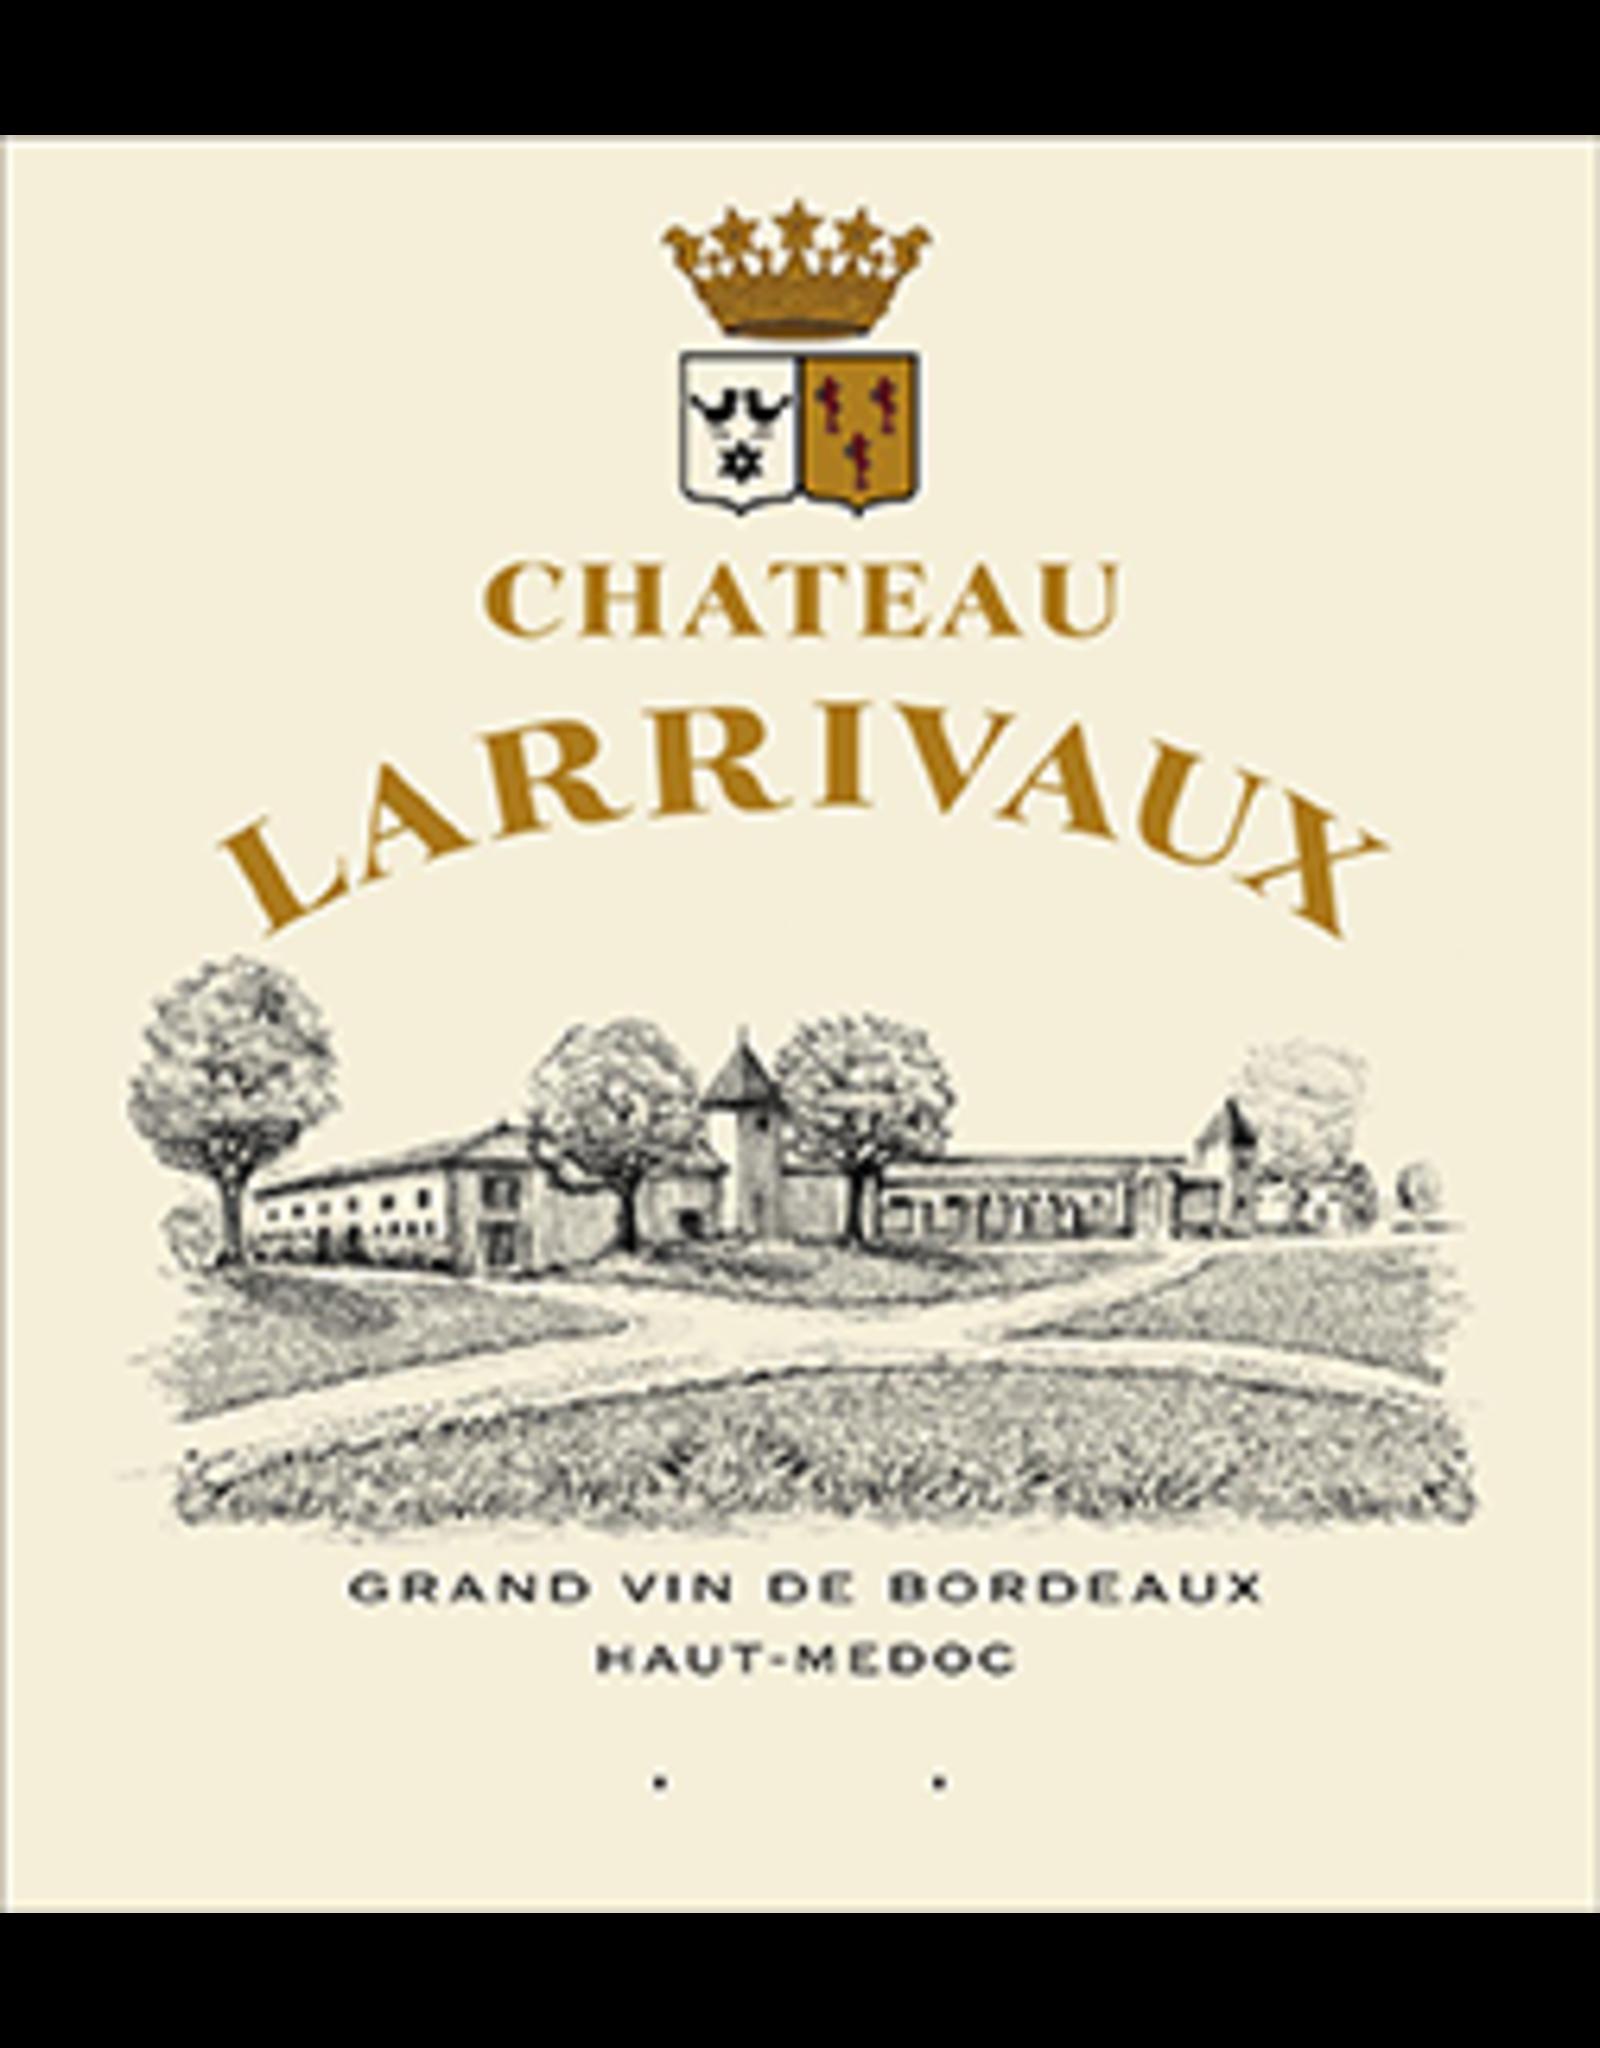 Château Larrivaux Château Larrivaux 2017 - 1,5l - Haut-Médoc